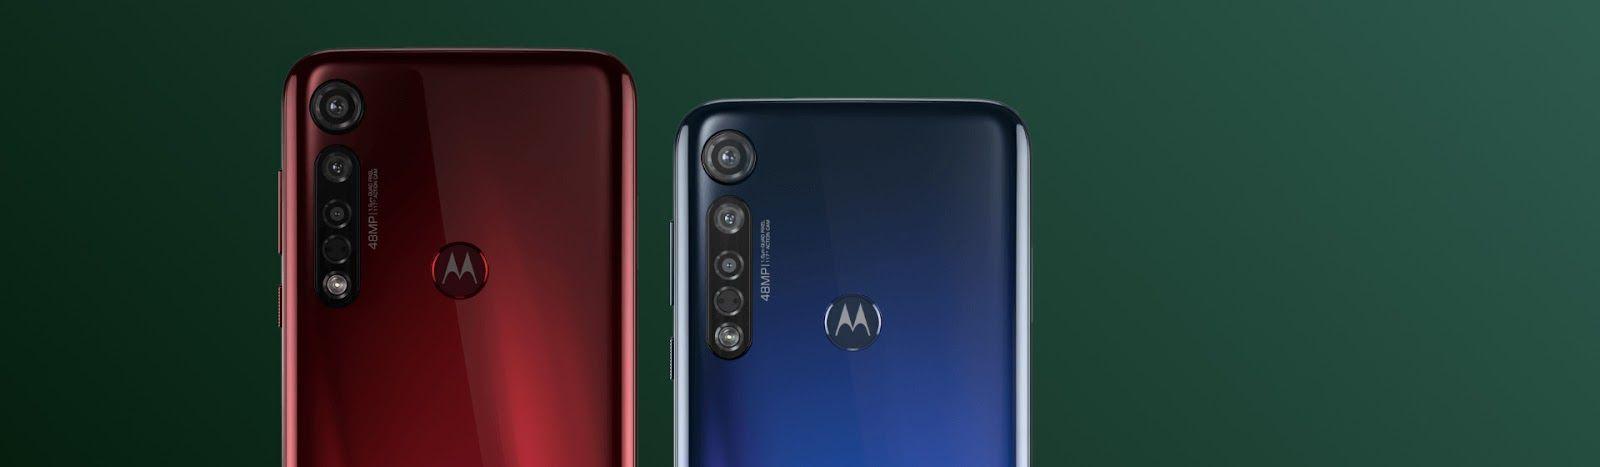 Lançamento Moto G9 Plus: celular vaza em anúncio de loja espanhola